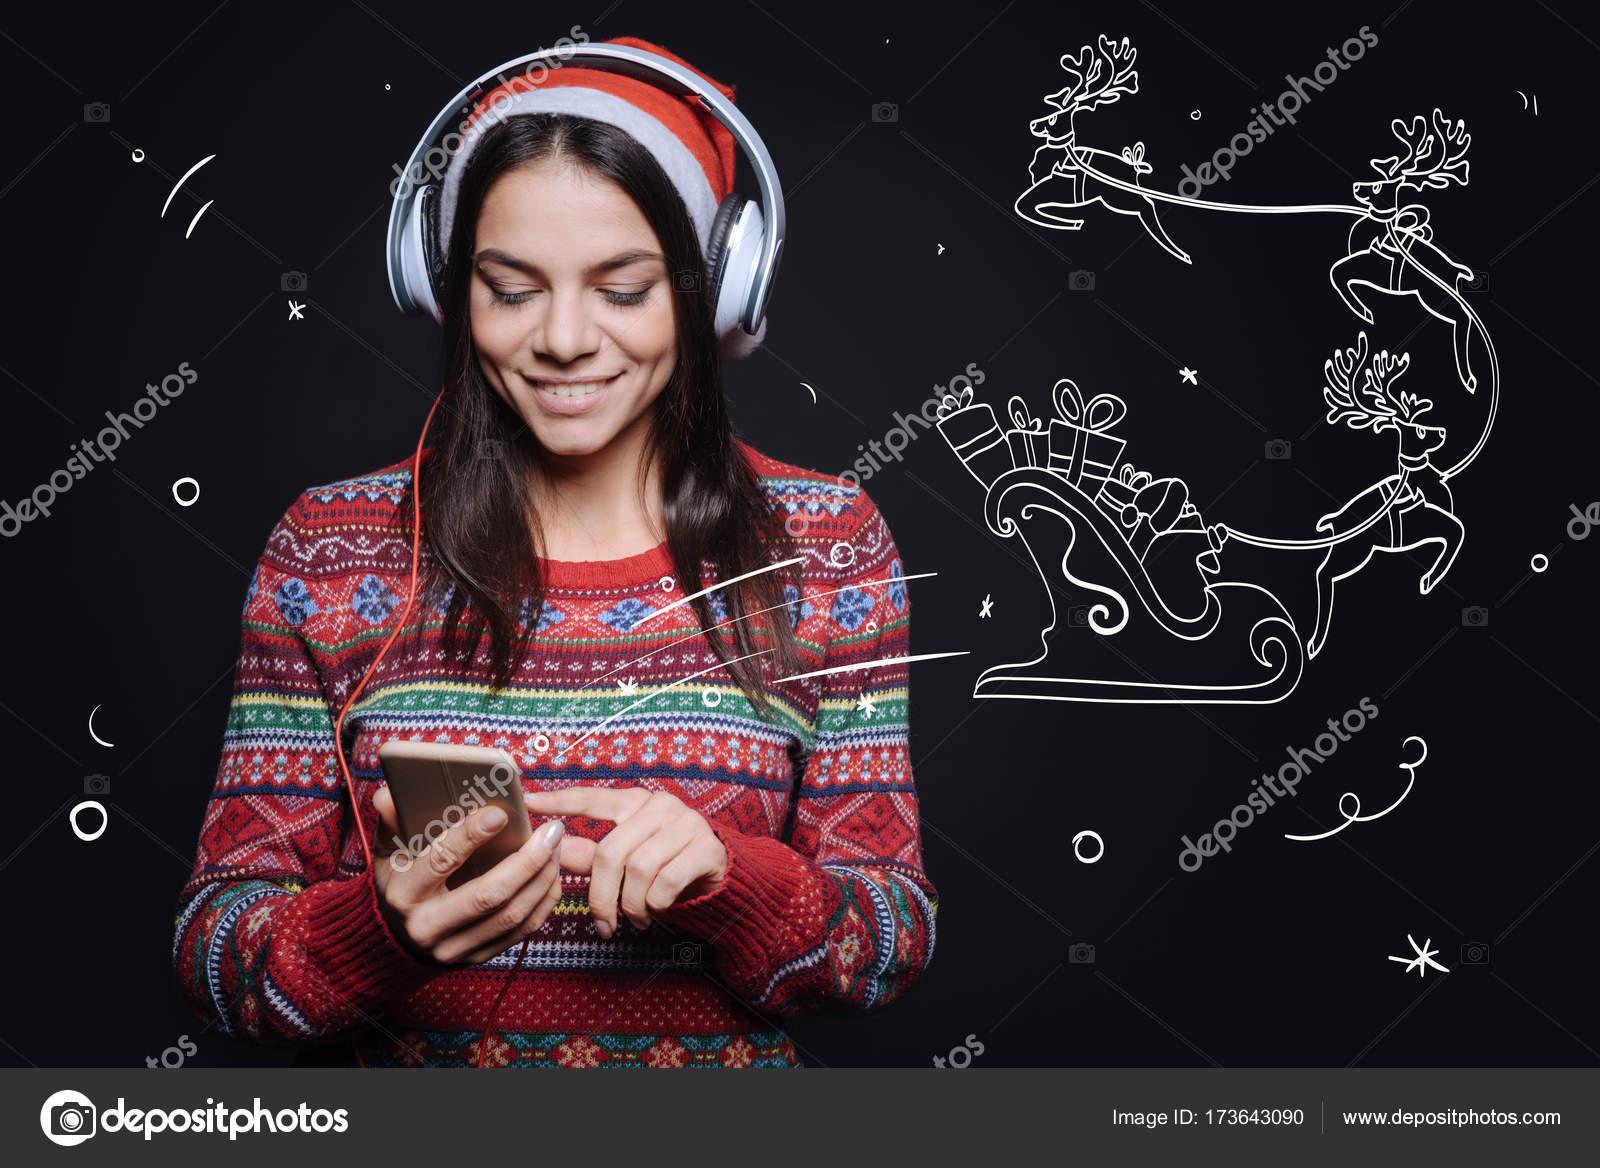 Escuchar Cancion Feliz Navidad.Participan Mujer Agradable Escuchando Las Canciones De